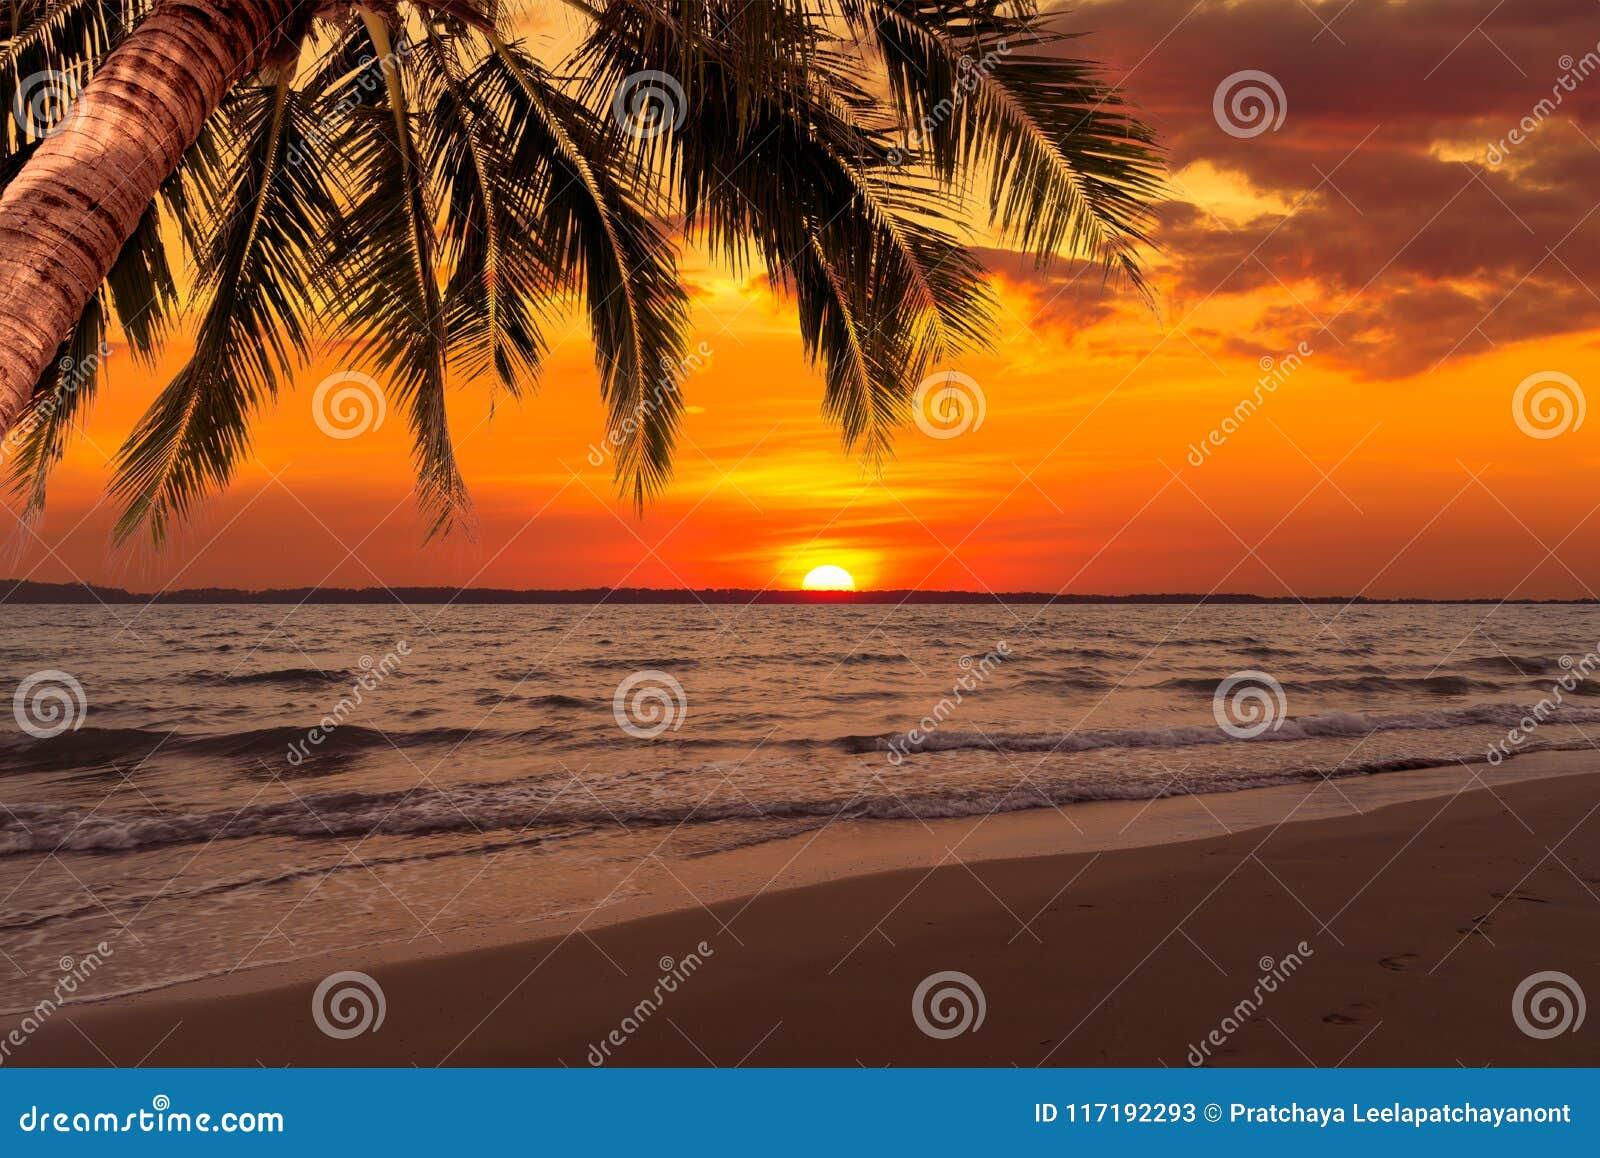 Piękny zmierzch nad morzem z kokosowym drzewem przy latem